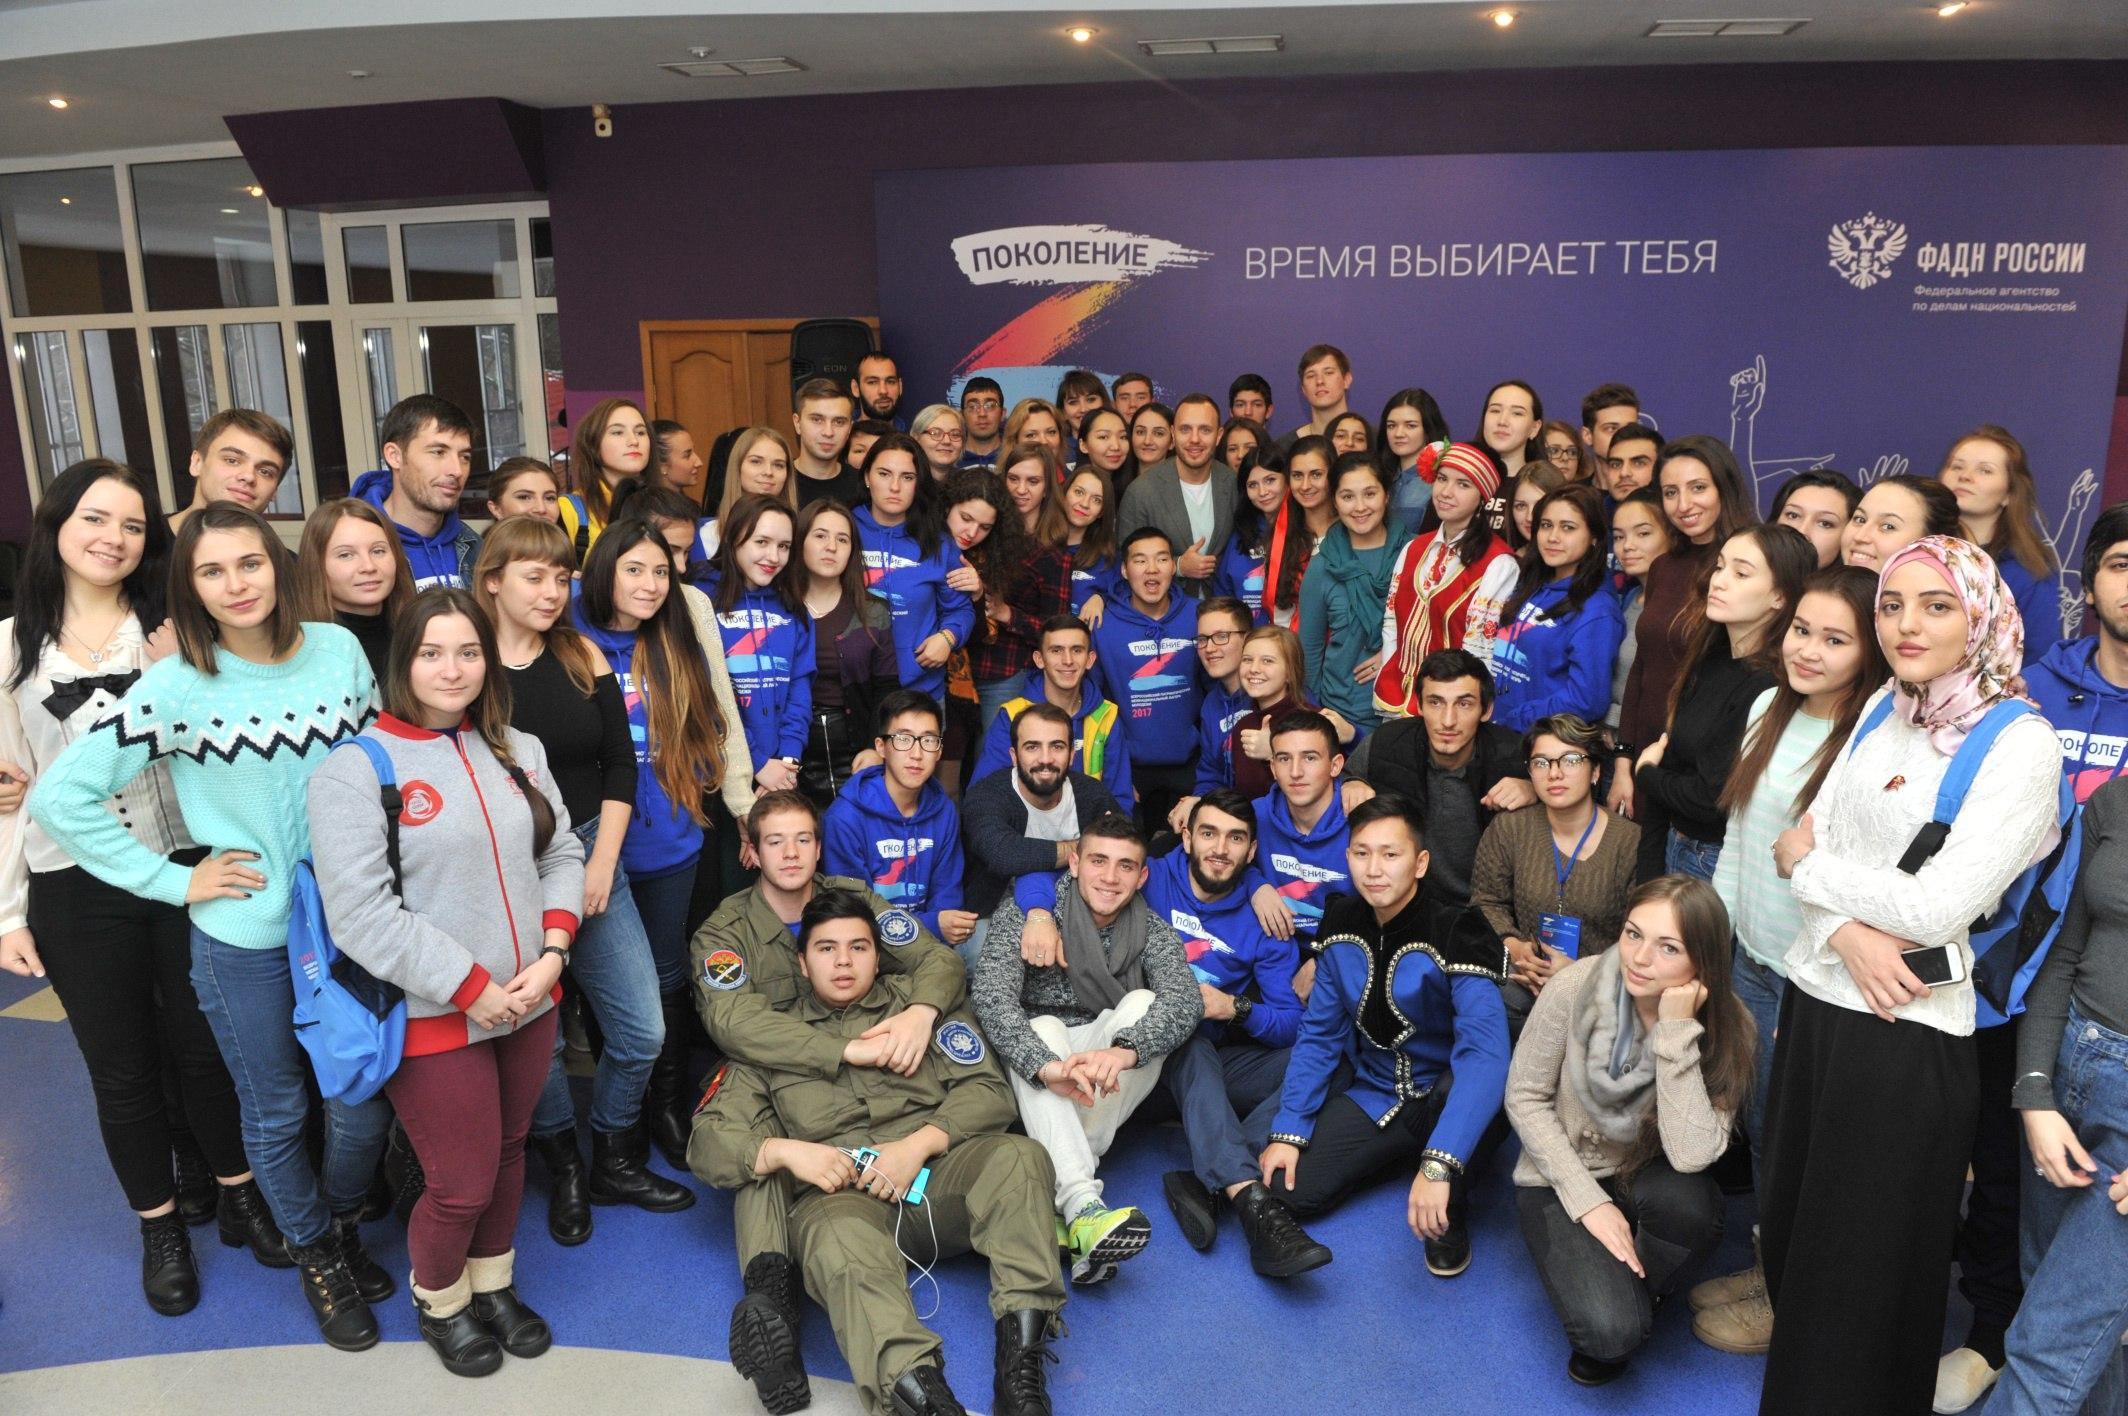 Участники лагеря и телеведущий, шоумен, ведущий программы «Доброе утро» Тимур Соловьёв